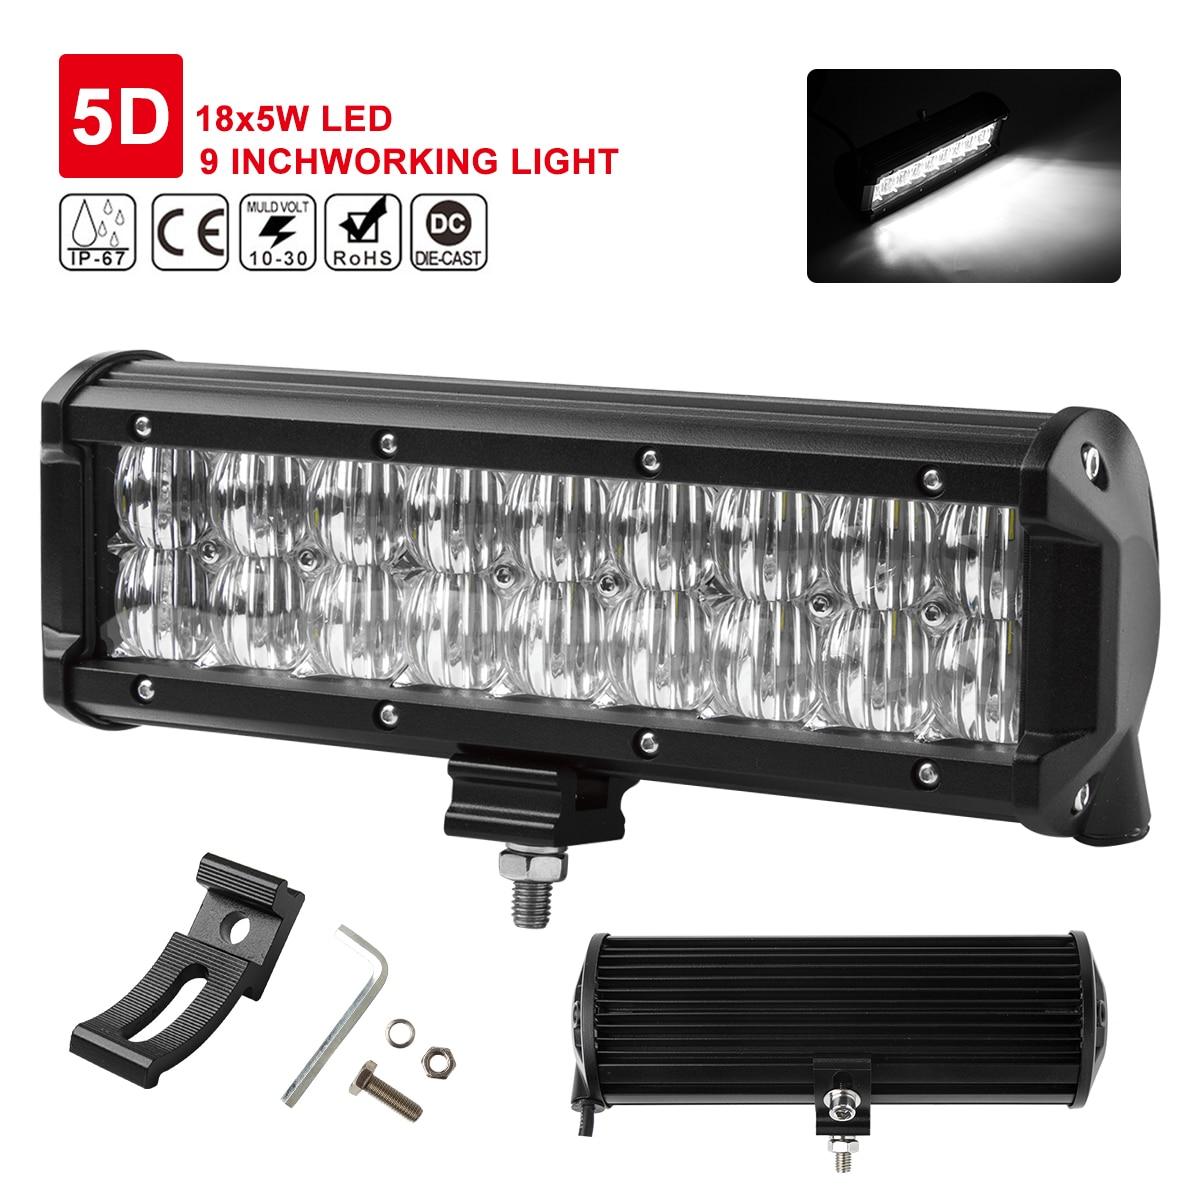 9 дюймов 90 Вт 5D объектив светодиодный свет бар наводнение место работы лампы внедорожник ATV 4WD свет работы Stright свет для автомобиля ATV/UTV/Golf cart ...